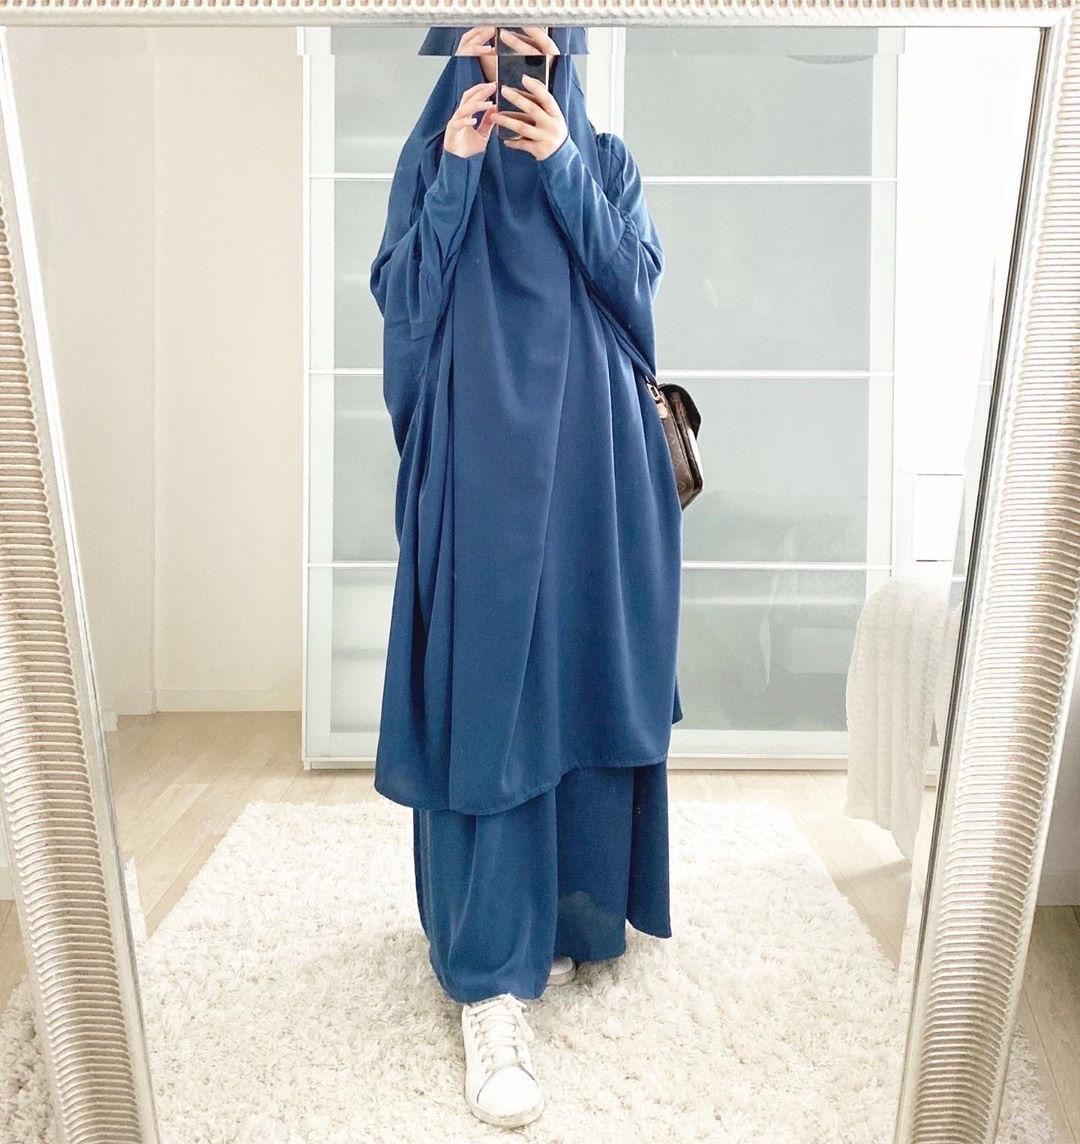 رمضان عيد عباية دبي عبايات للنساء تركيا الحجاب الإسلامي فستان إسلام الصلاة ملابس قفطان قفطان رداء خيمار جلباب النقاب